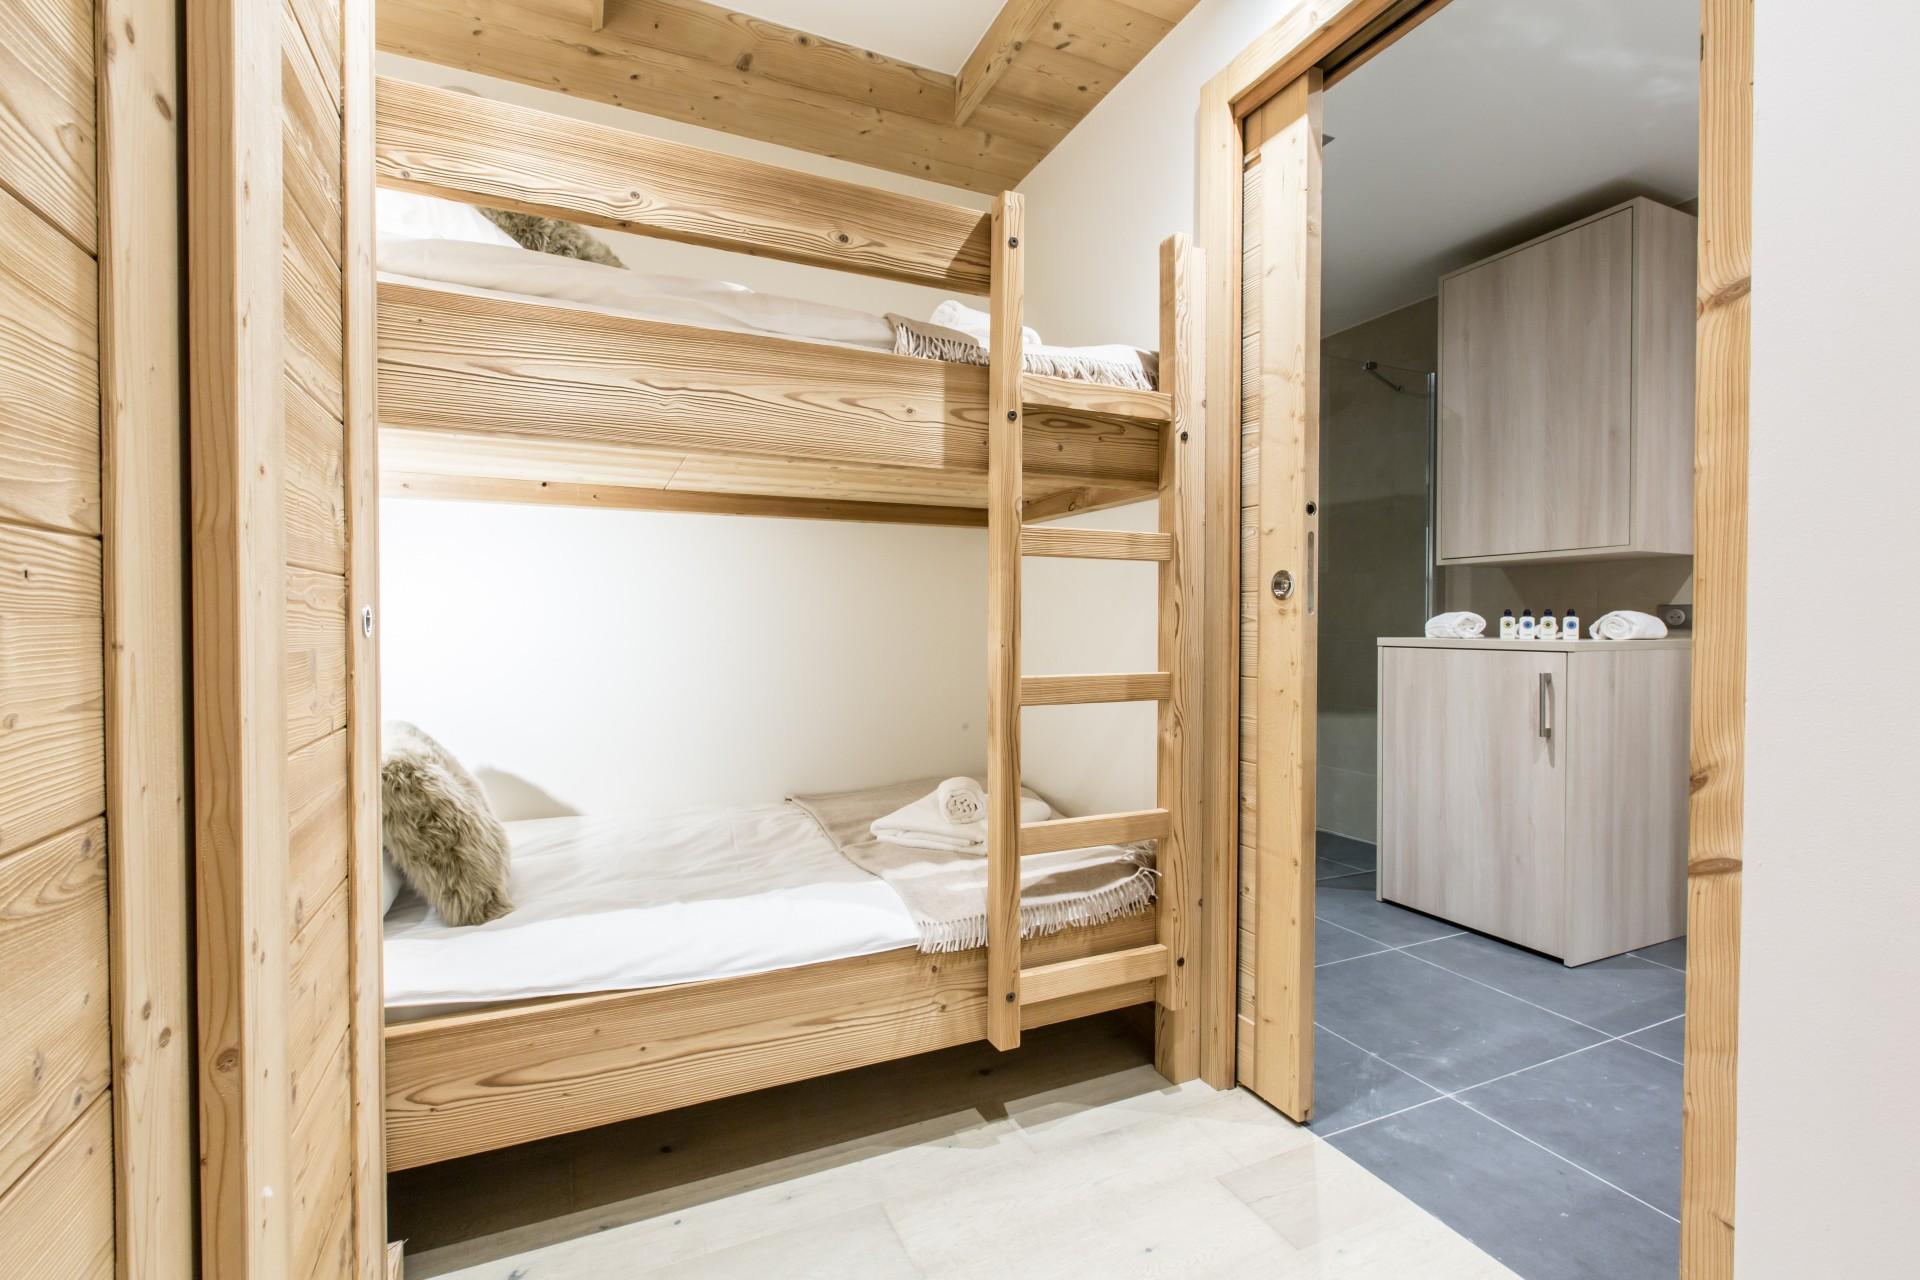 Courchevel 1650 Location Appartement Luxe Amicite Chambre 3